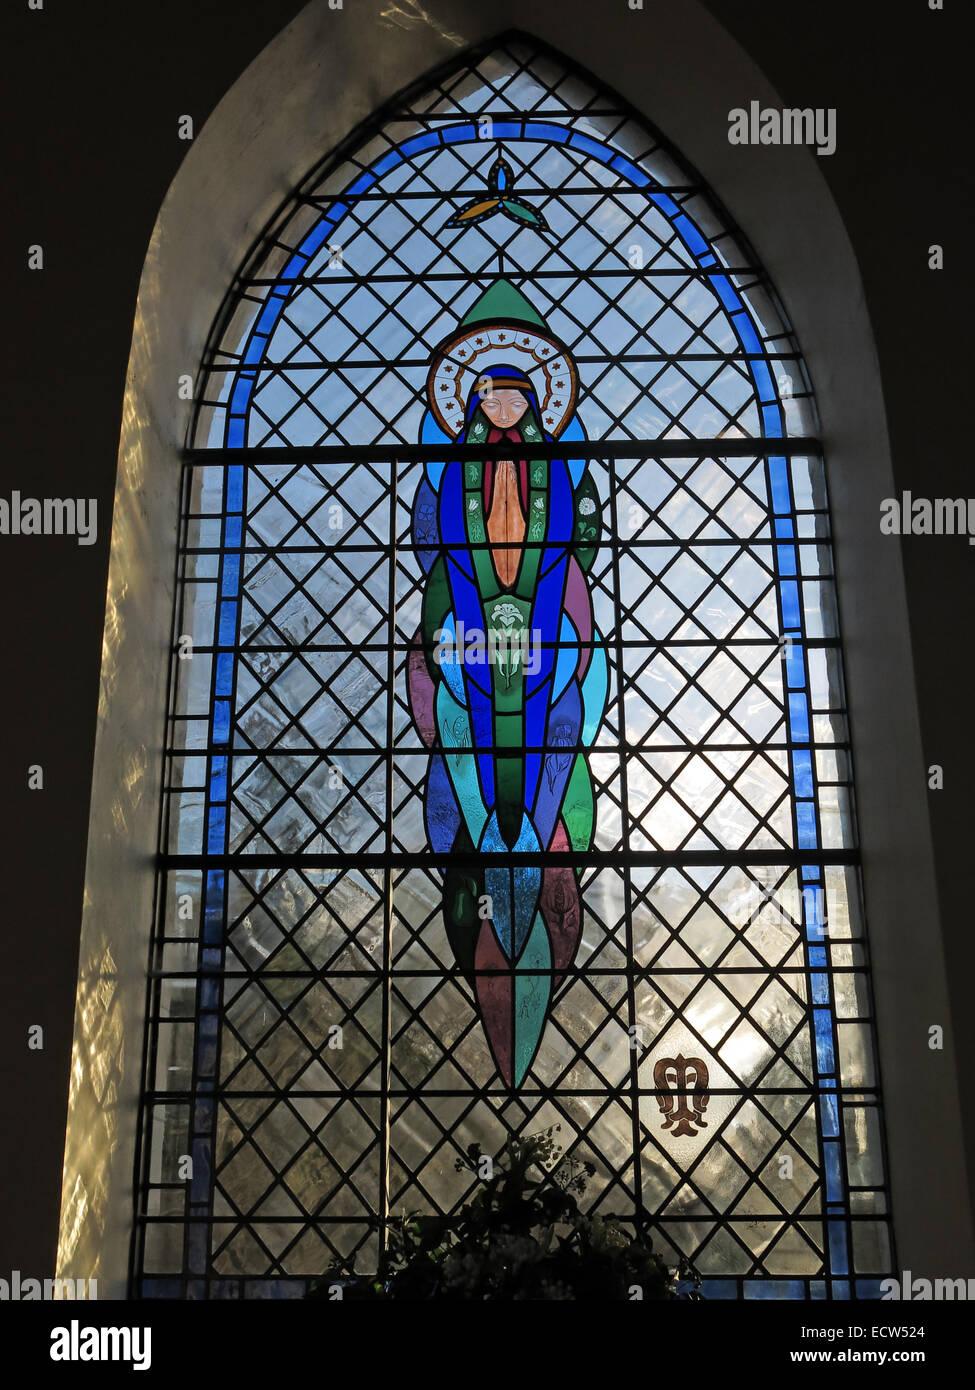 Laden Sie dieses Alamy Stockfoto Millennium befleckte Glasfenster, St Marys Ardley, Oxfordshire, England, Vereinigtes Königreich - ECW524